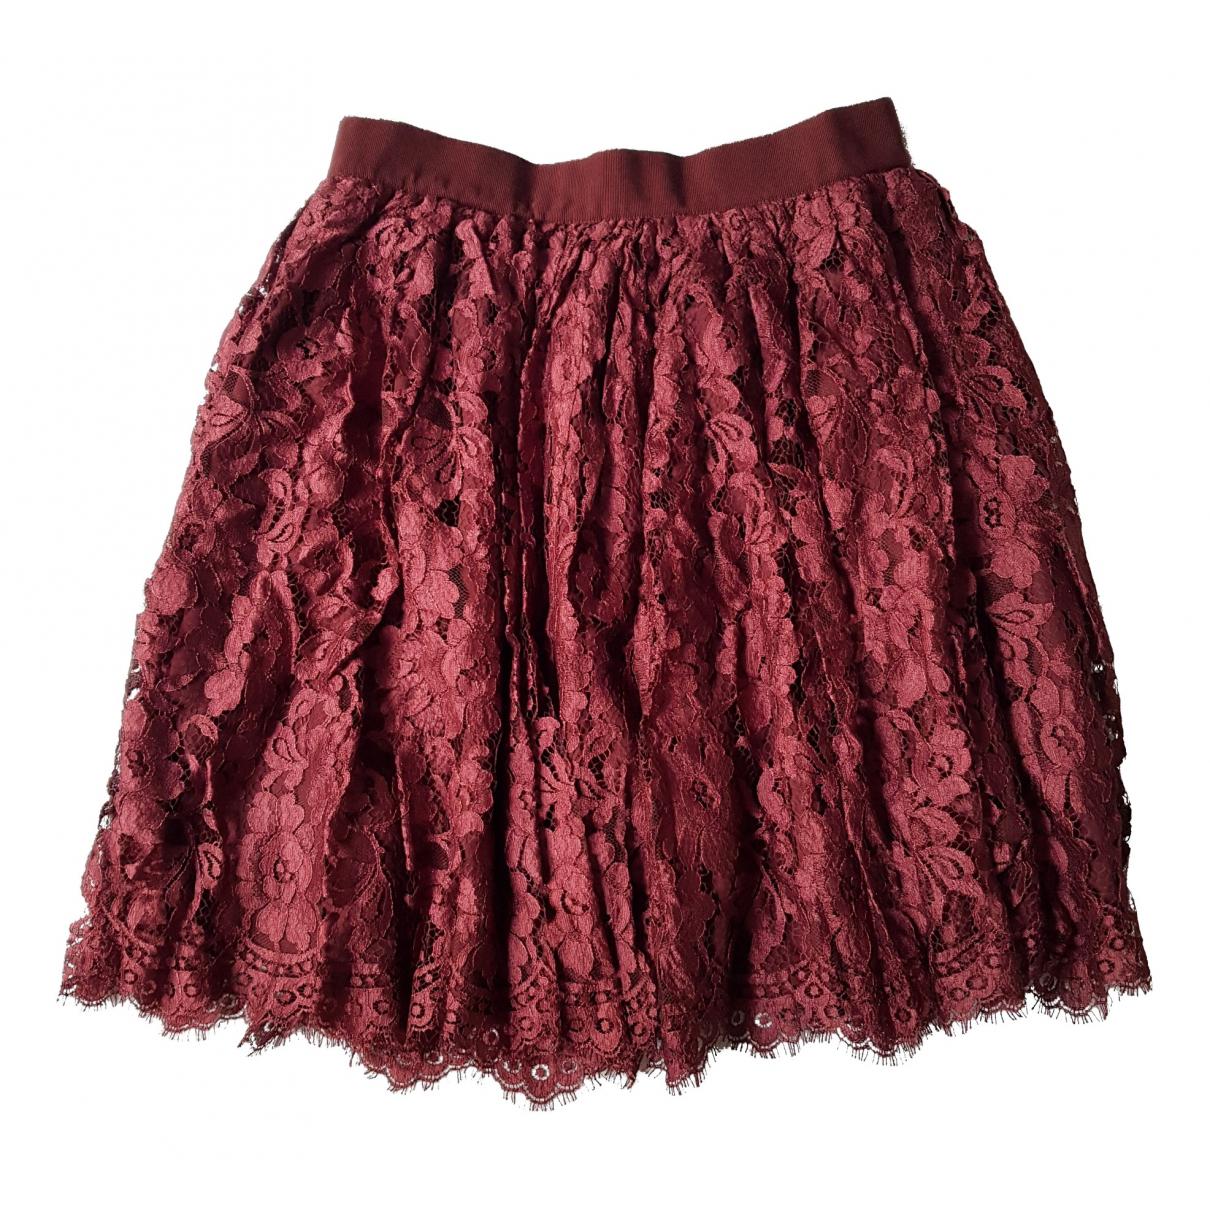 D&g \N Burgundy skirt for Women 42 IT